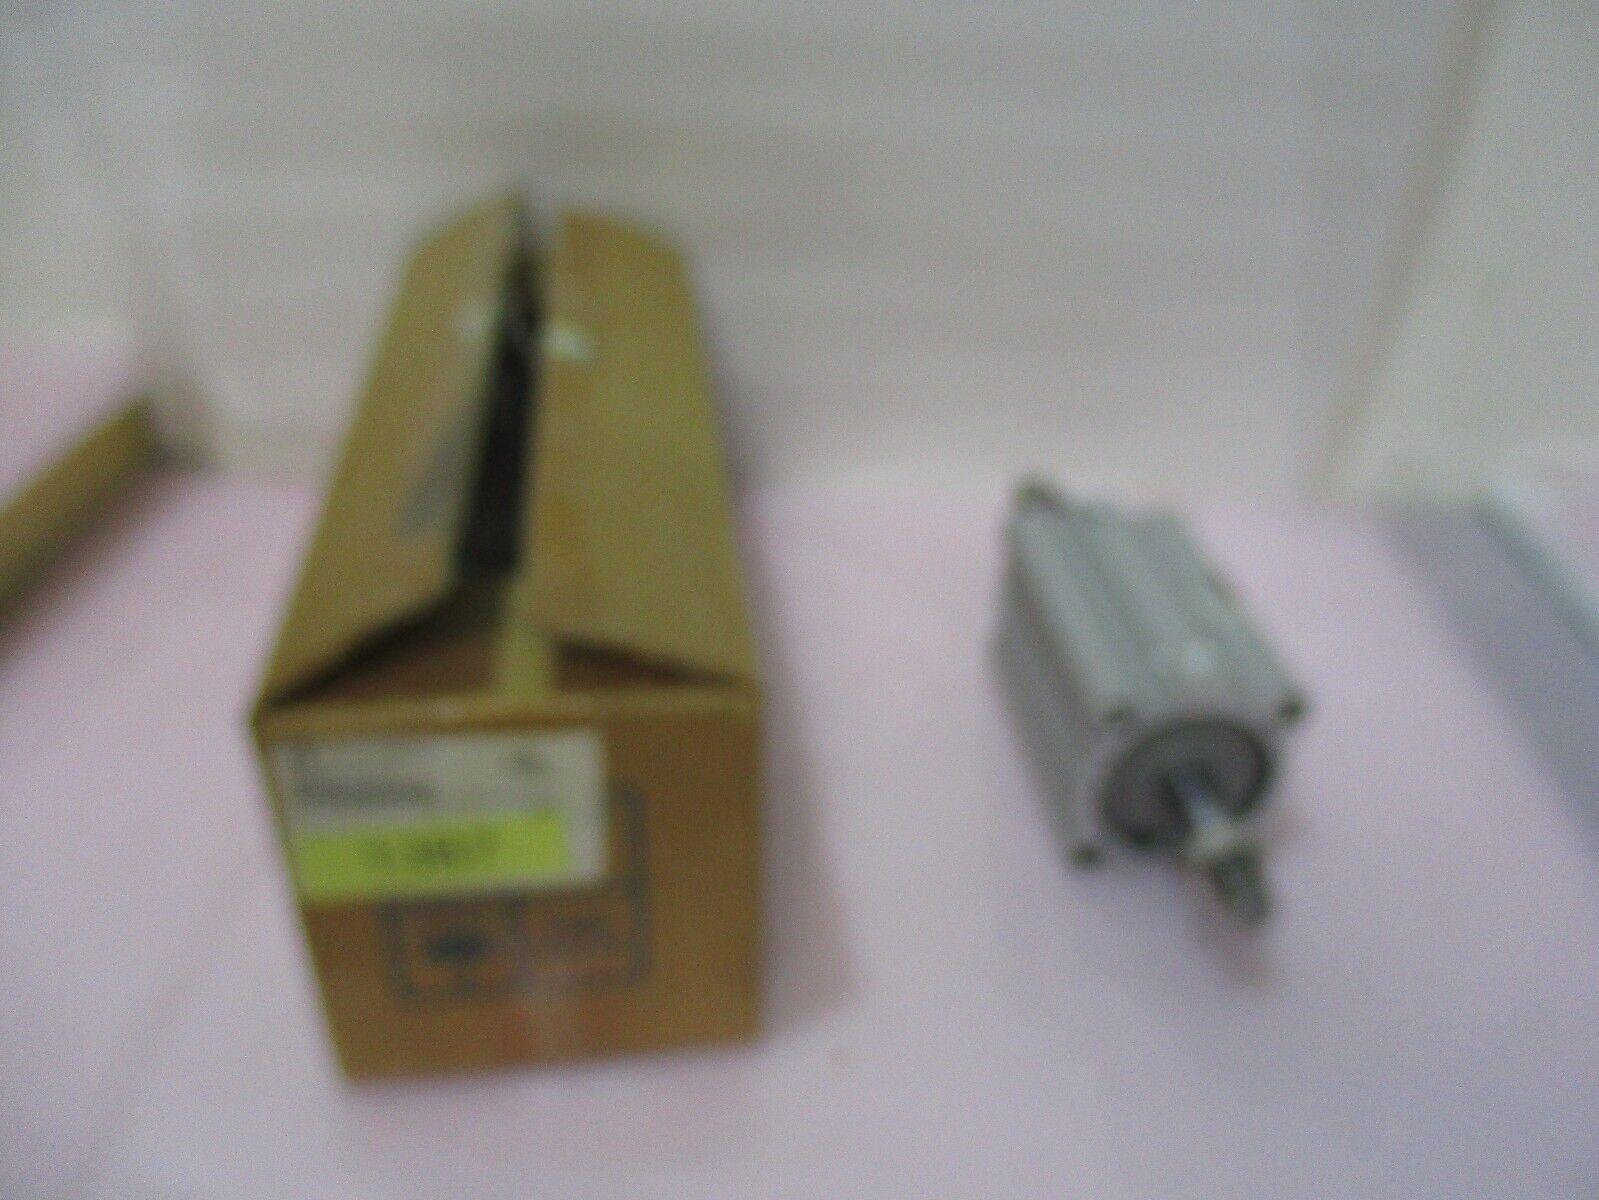 AMAT 3020-01177, SMC NCDQ2WB80D-G1858-110, CYL Air 80mm Bore 110mm STRK, 418004